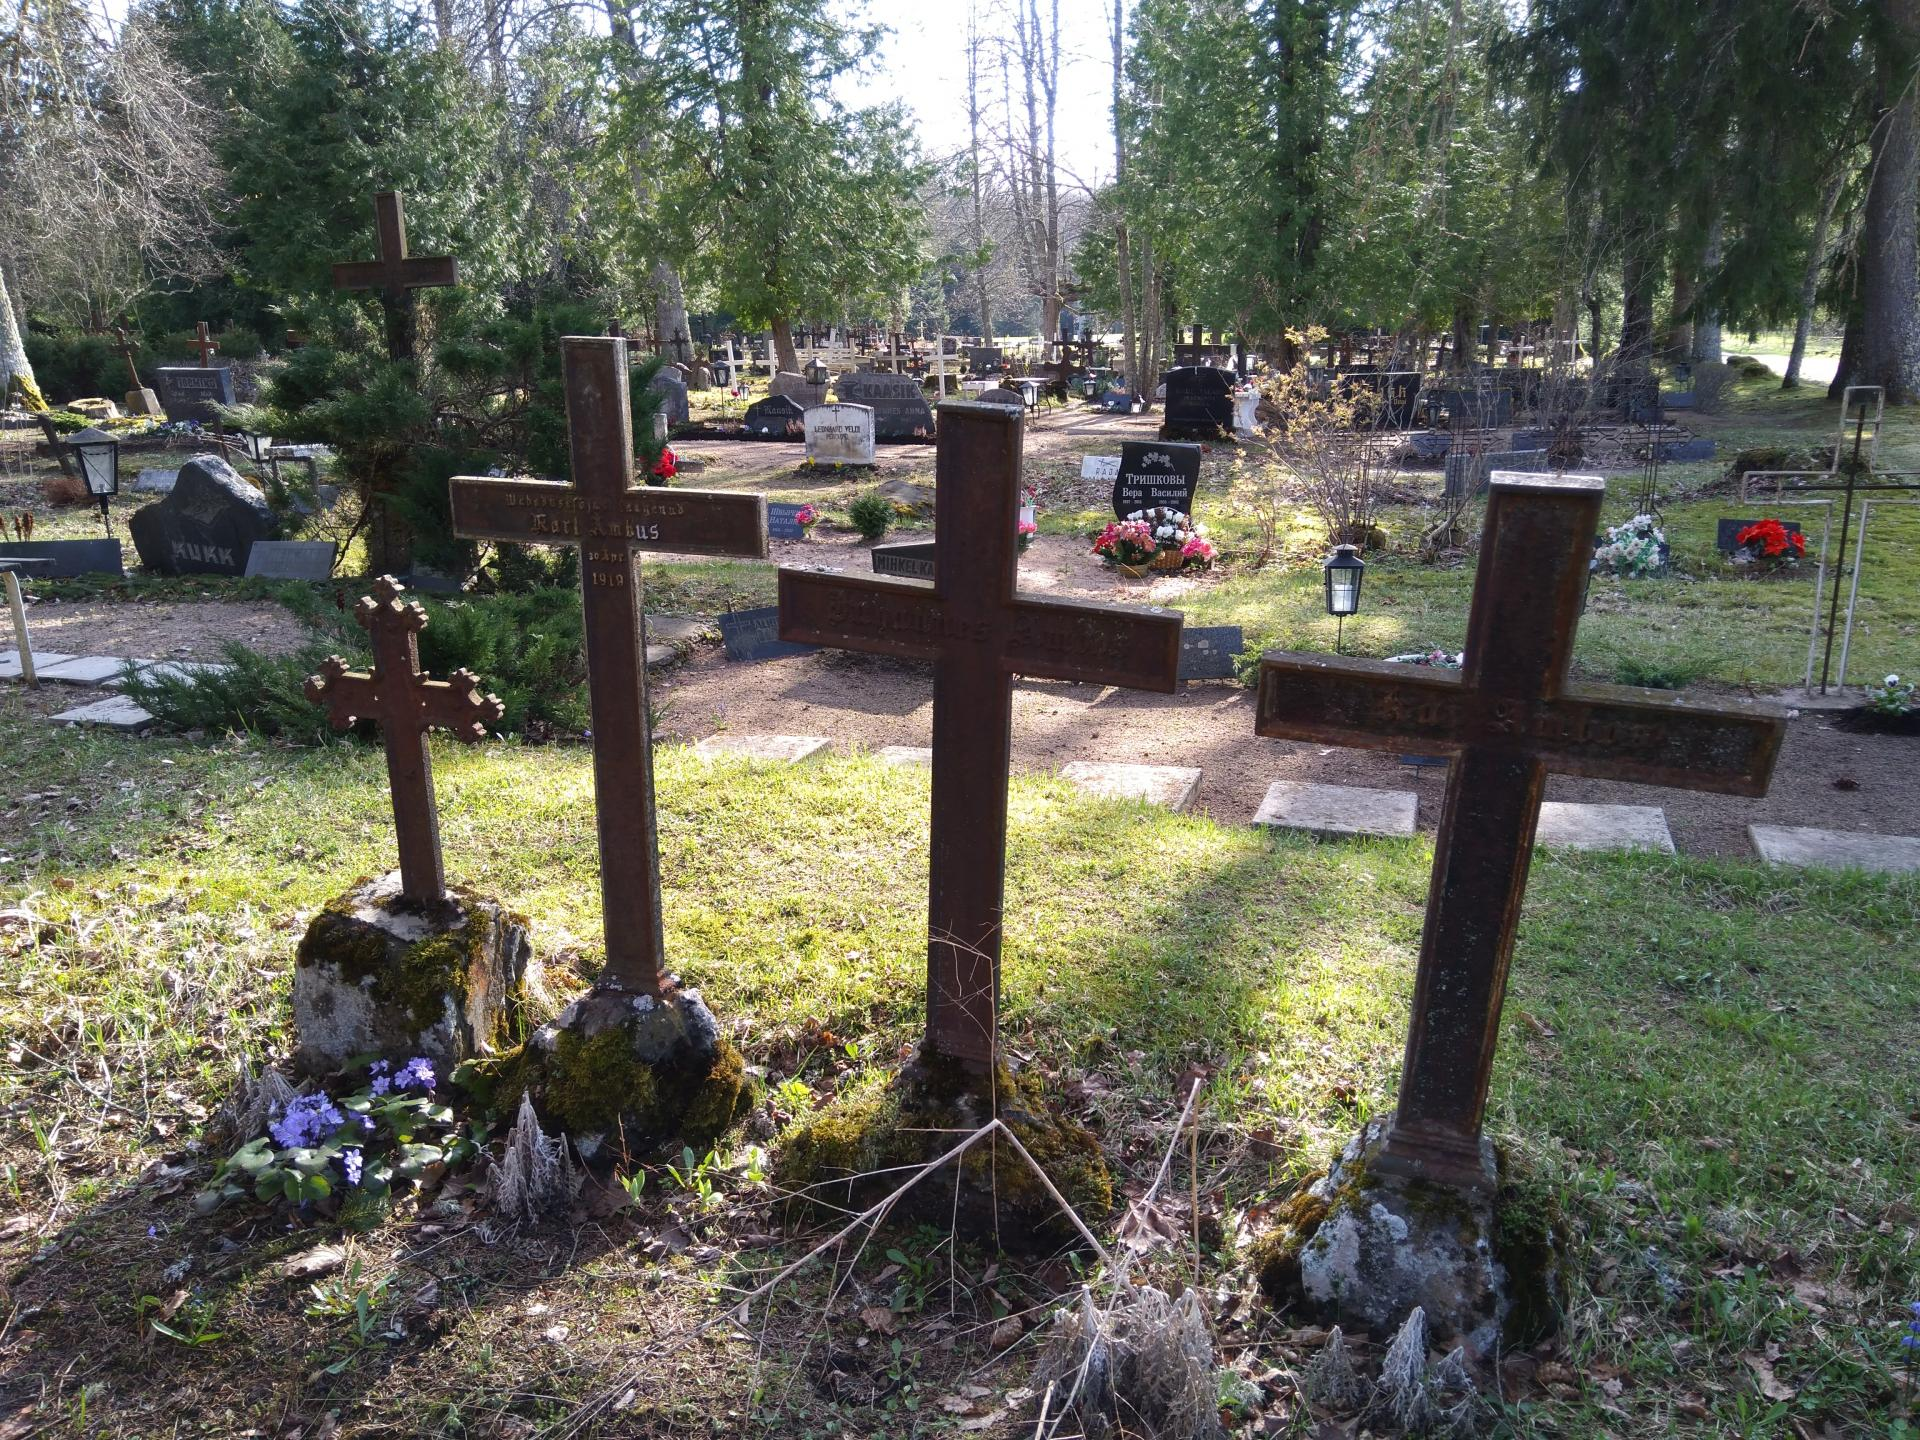 https://www.haudi.ee/uploads/burialplace_5bd20cec0880a.jpg